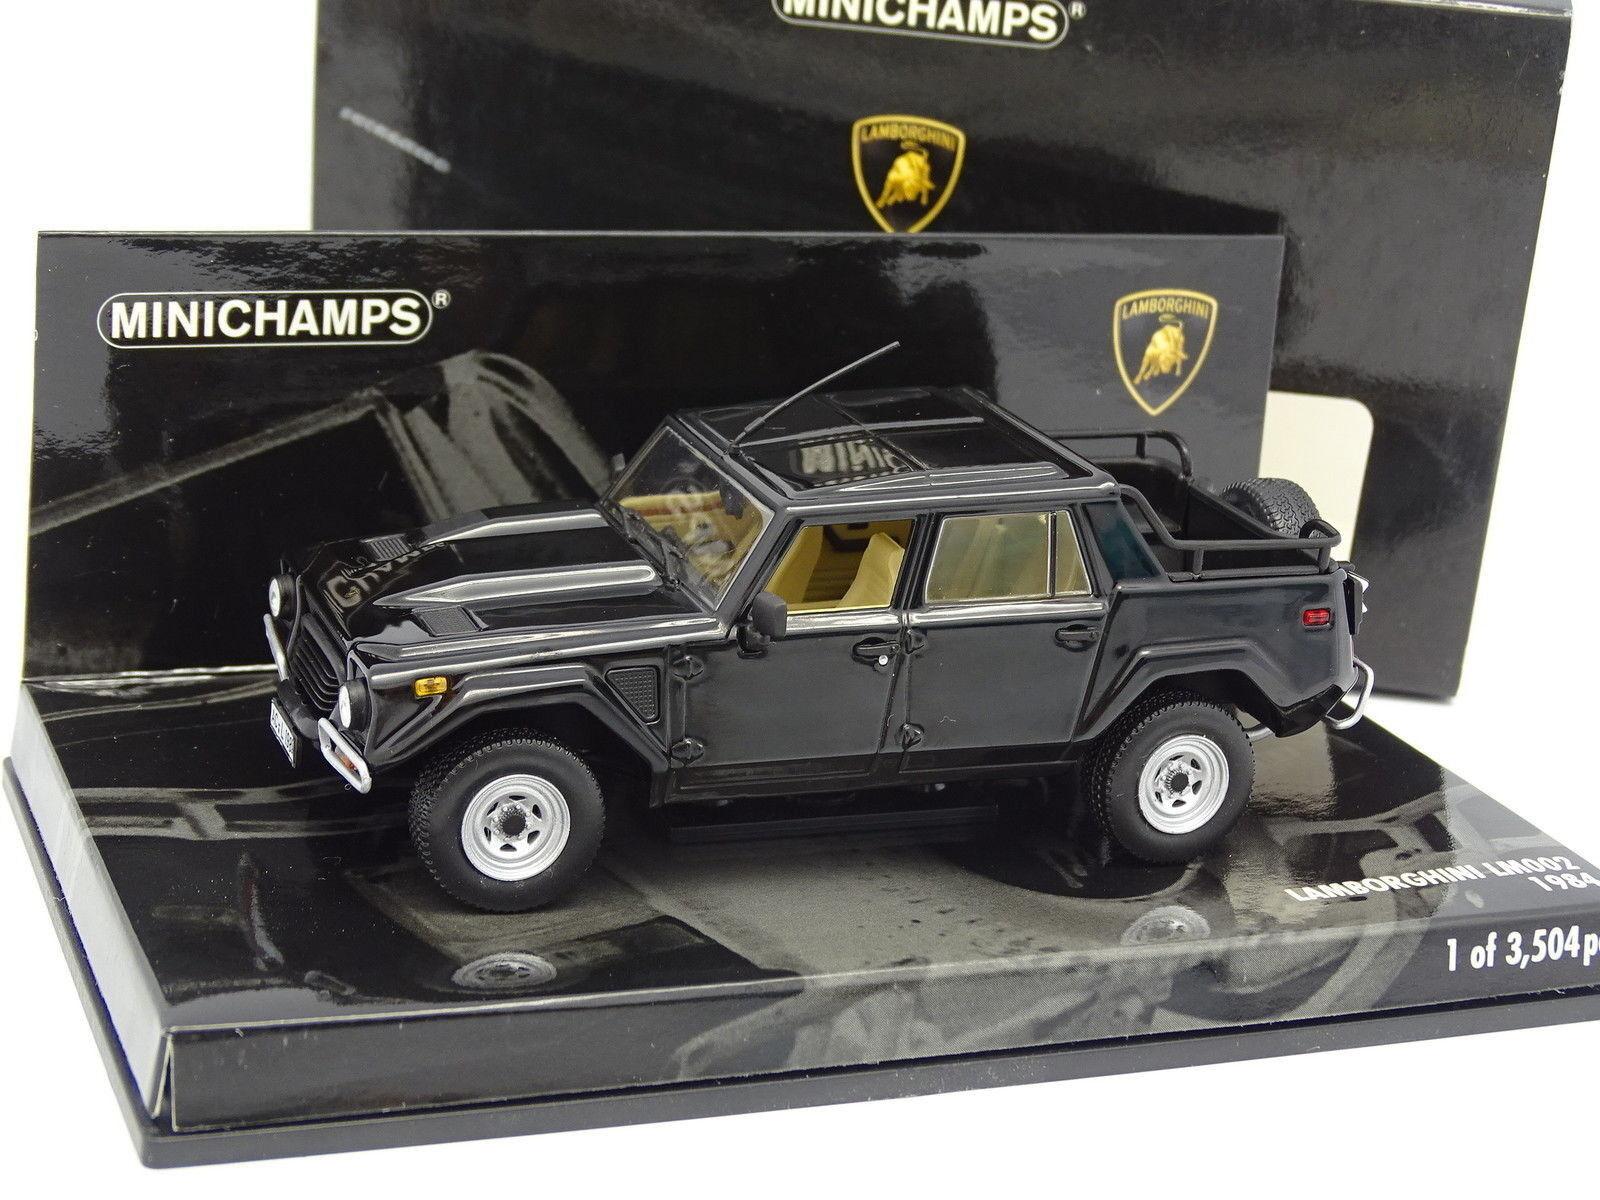 Minichamps 1 LM002 43 - Lamborghini LM002 1 1984 neroe ff3e86